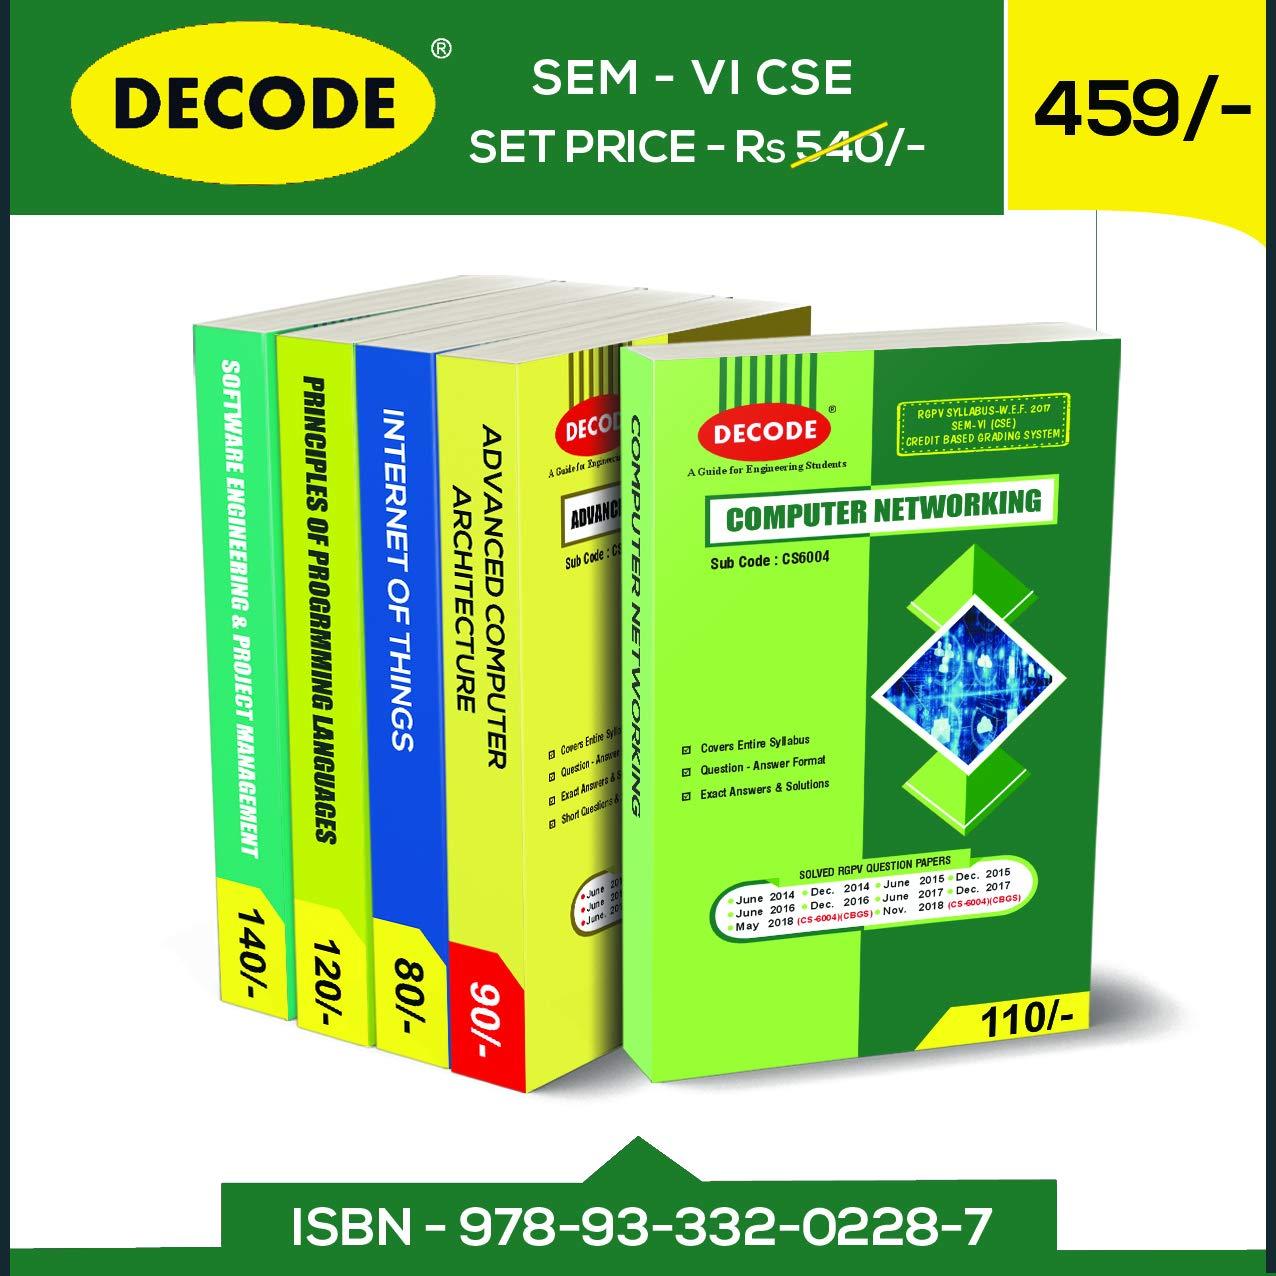 Buy DECODE SEM-VI CSE For RGPV 2018 Syllabus Book Online at Low